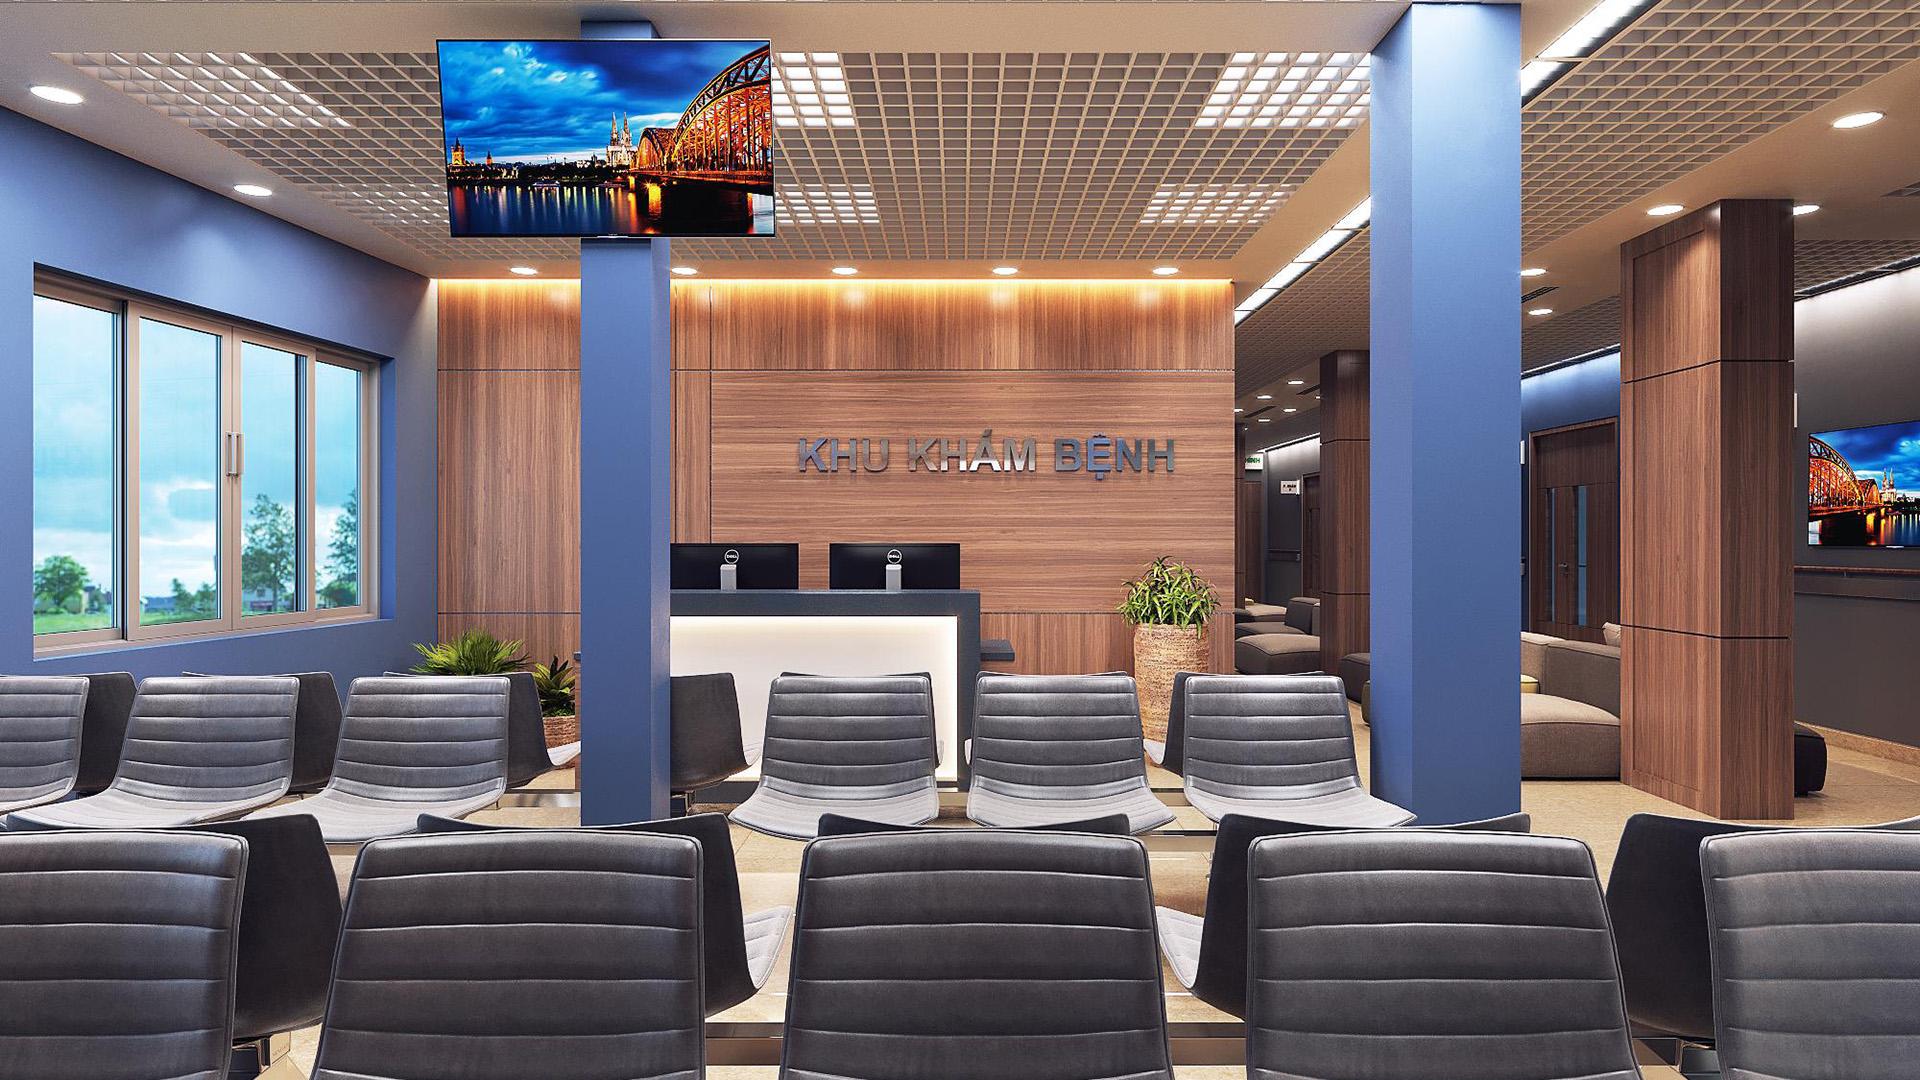 Thiết kế nội thất bệnh viện hiện đại & vật liệu sử dụng